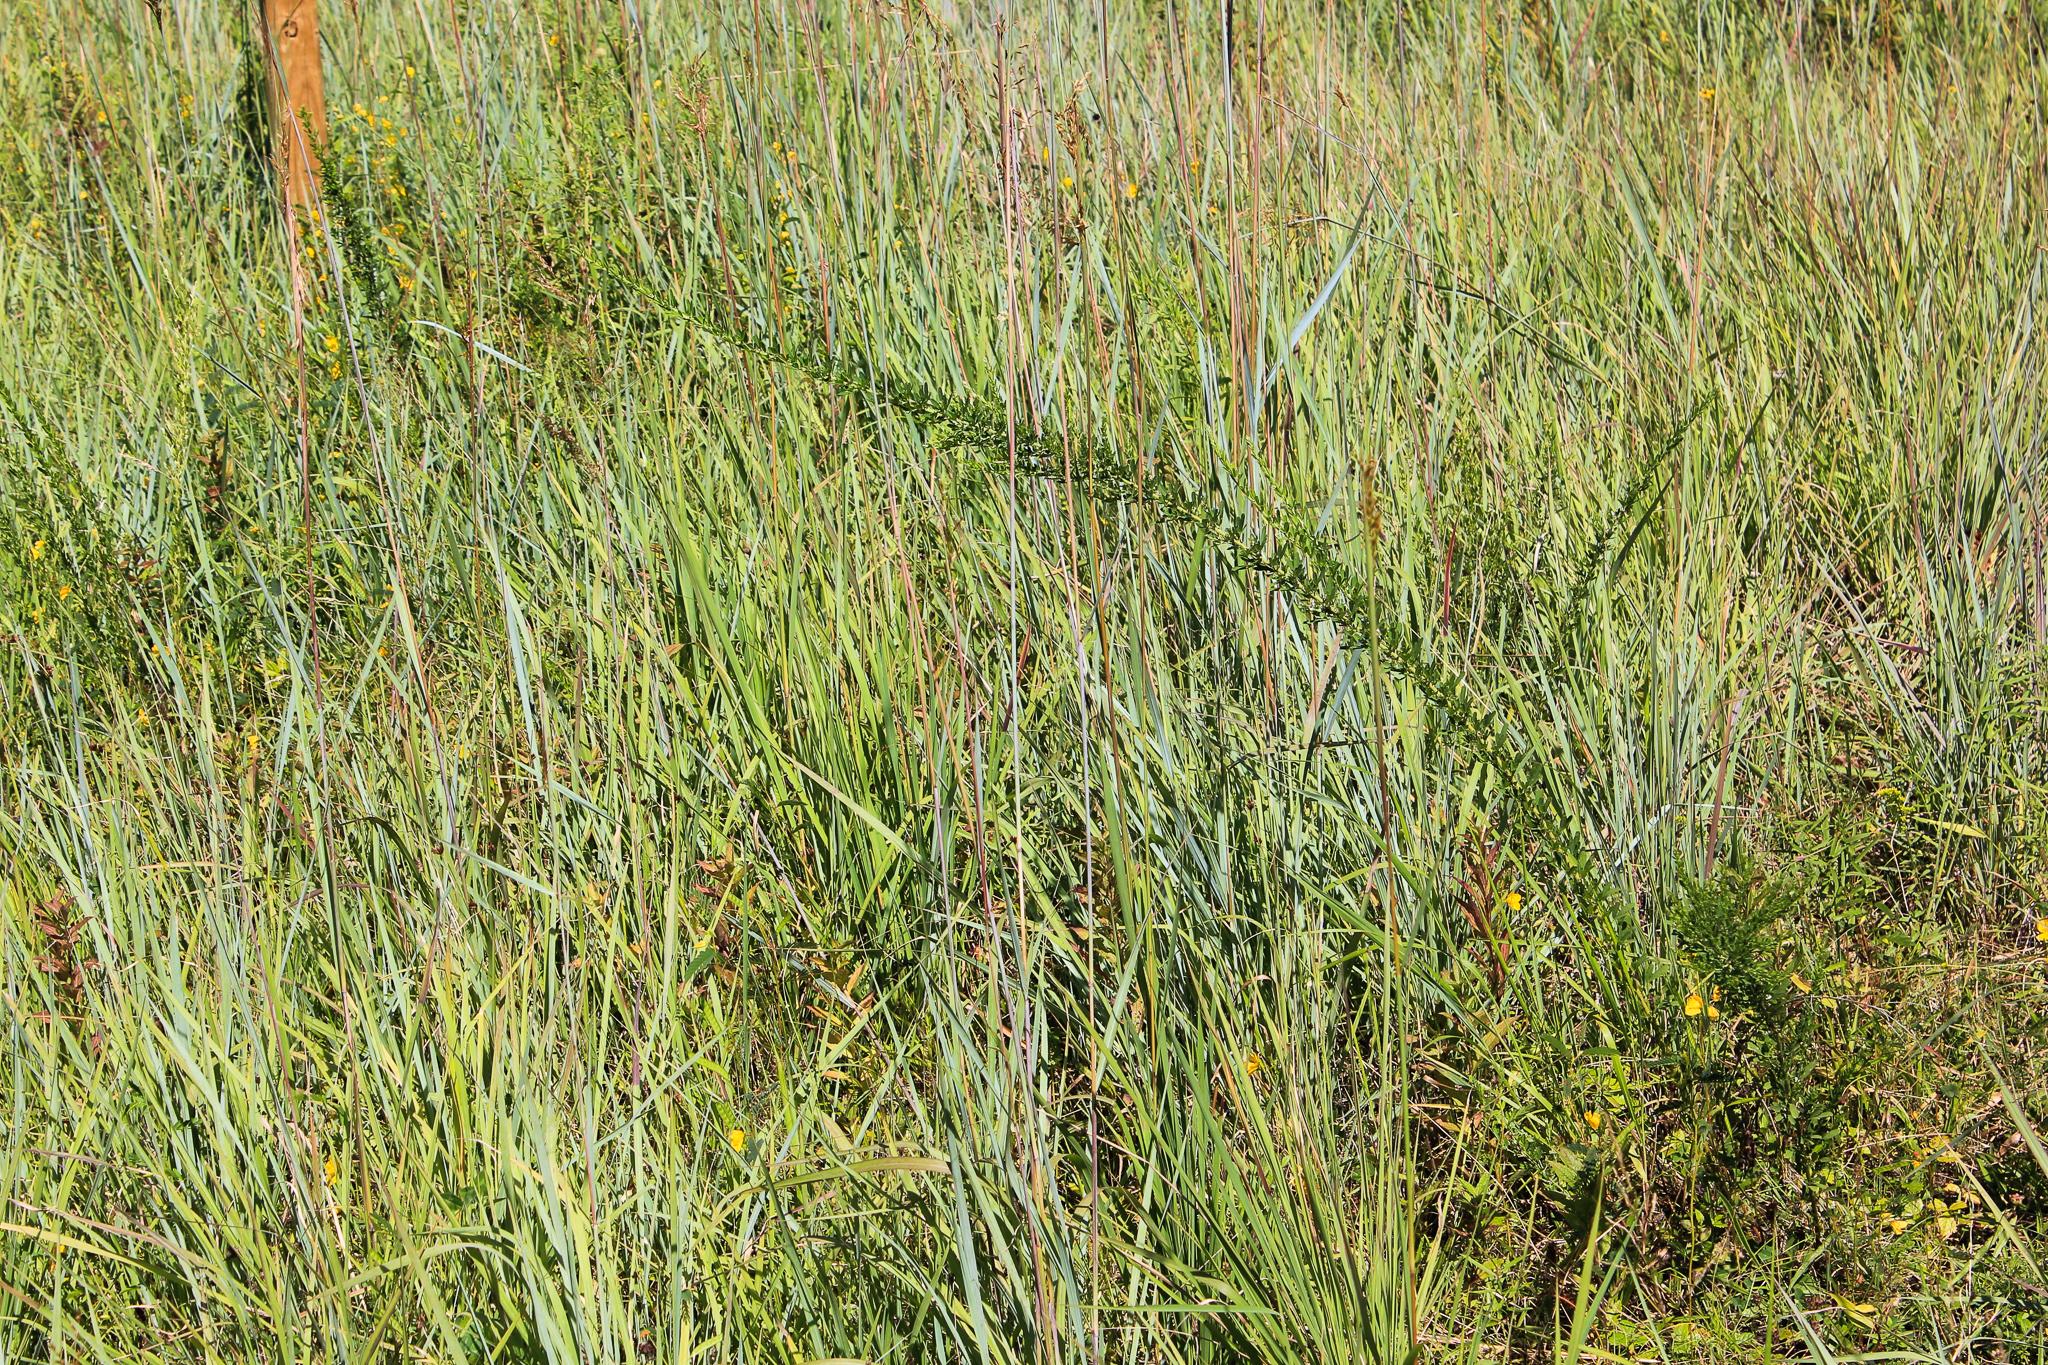 Grass_land.jpg